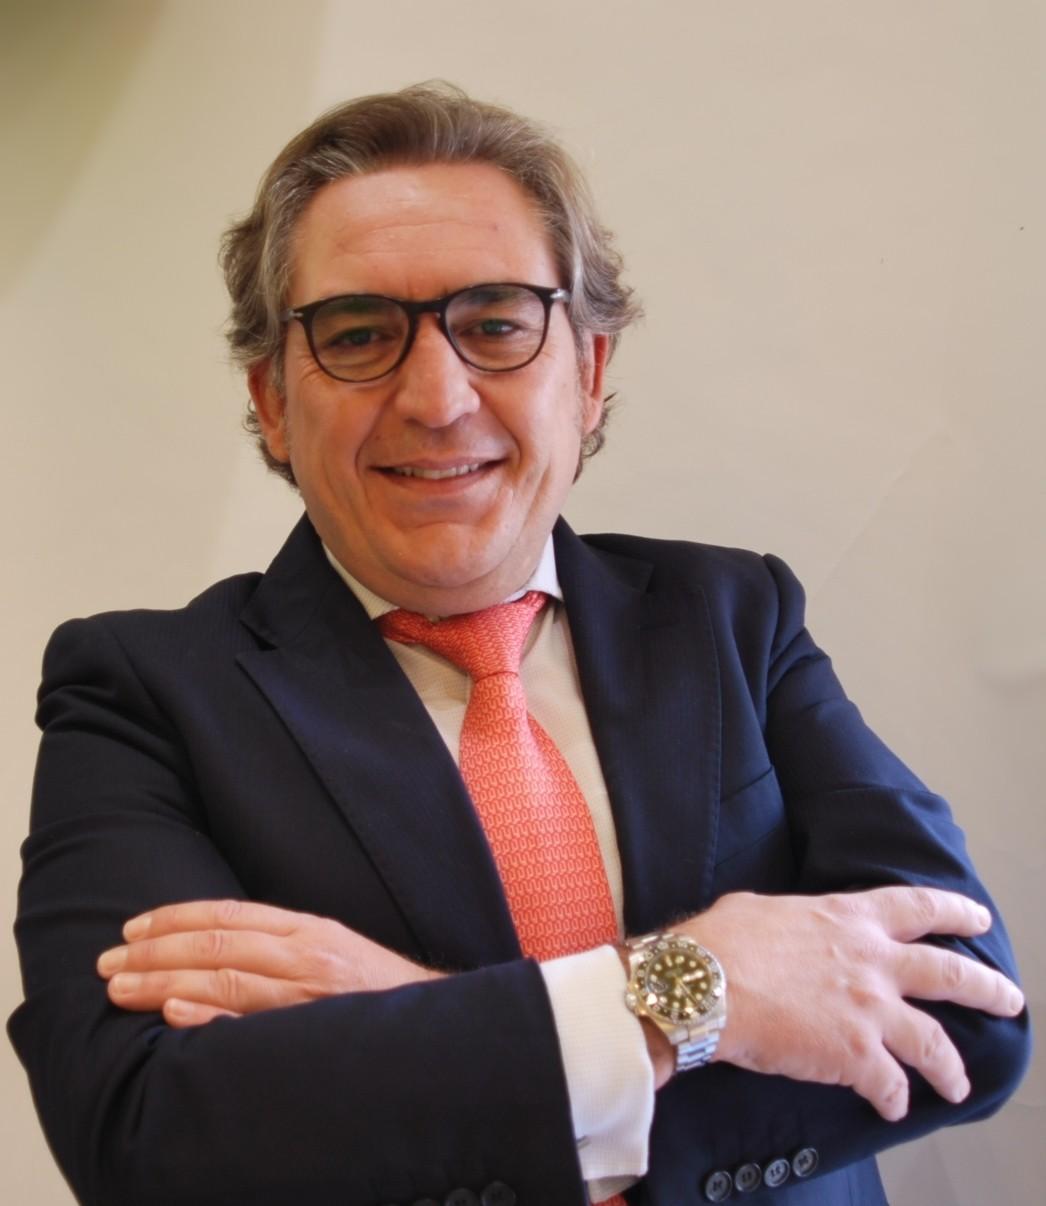 Antonio Carmona Navarrete